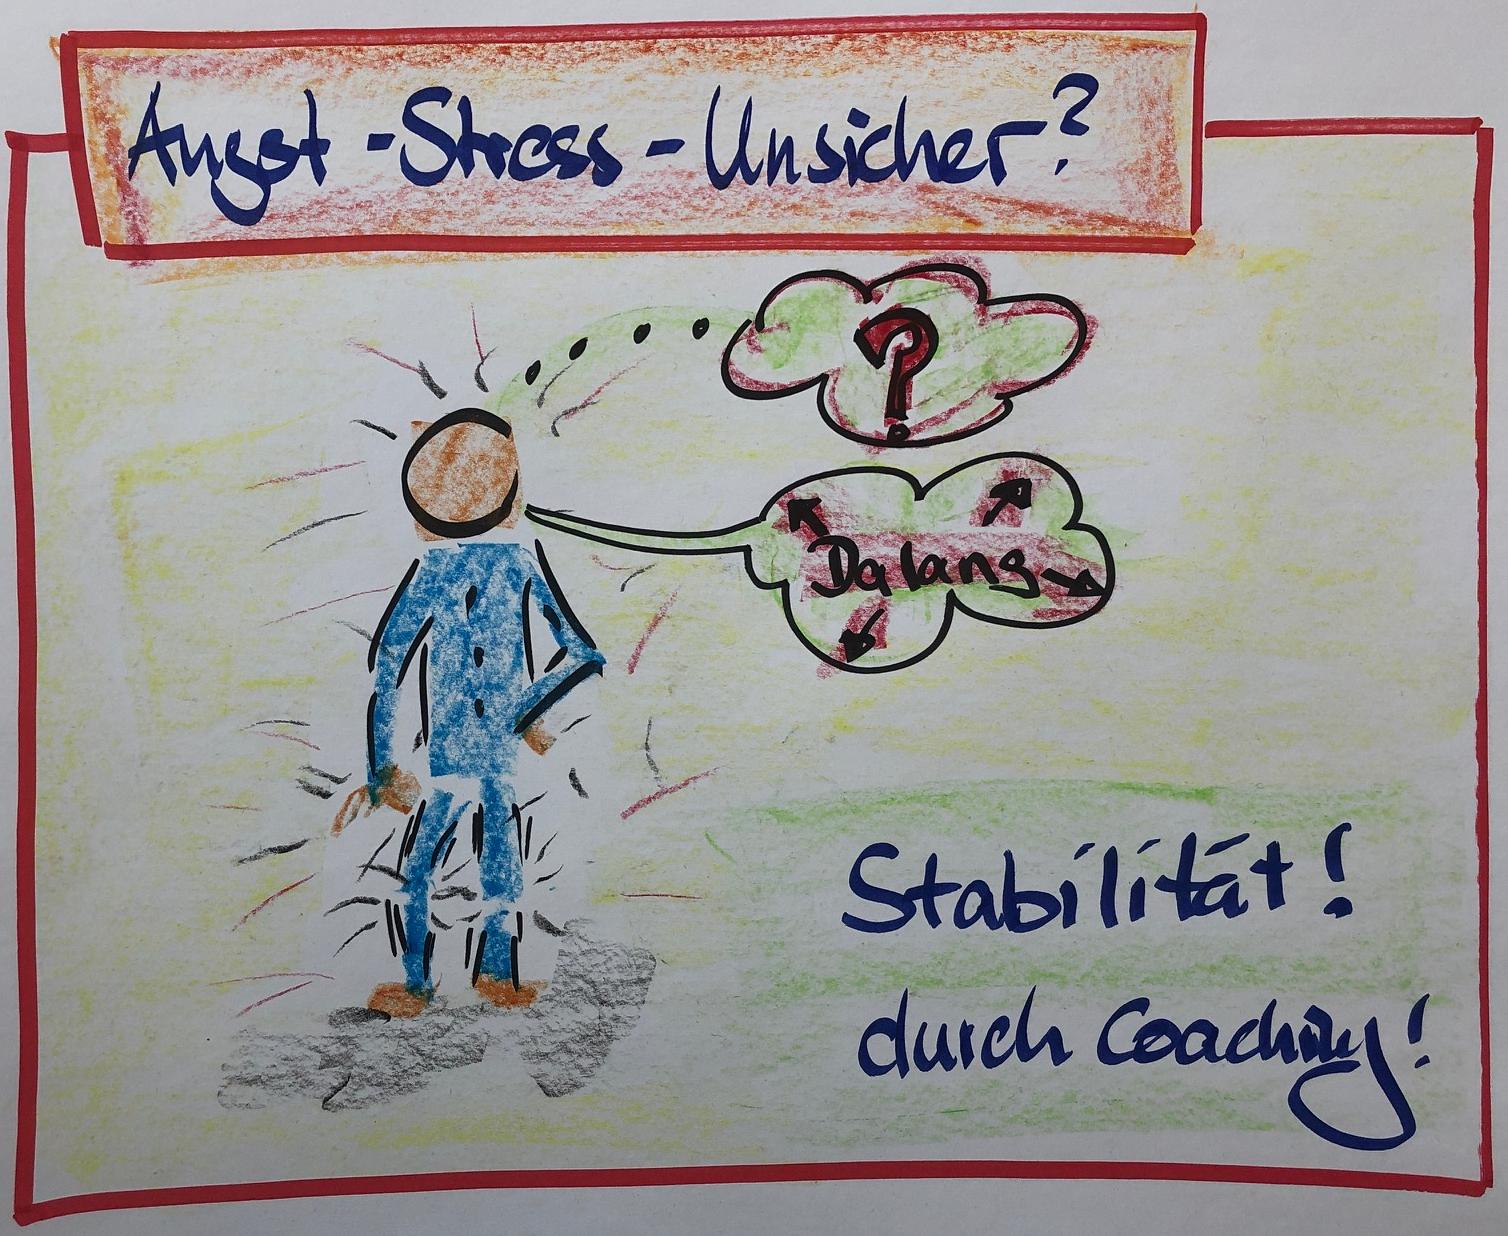 Stress, Angst und Unsicherheit sind schlechte Ratgeber